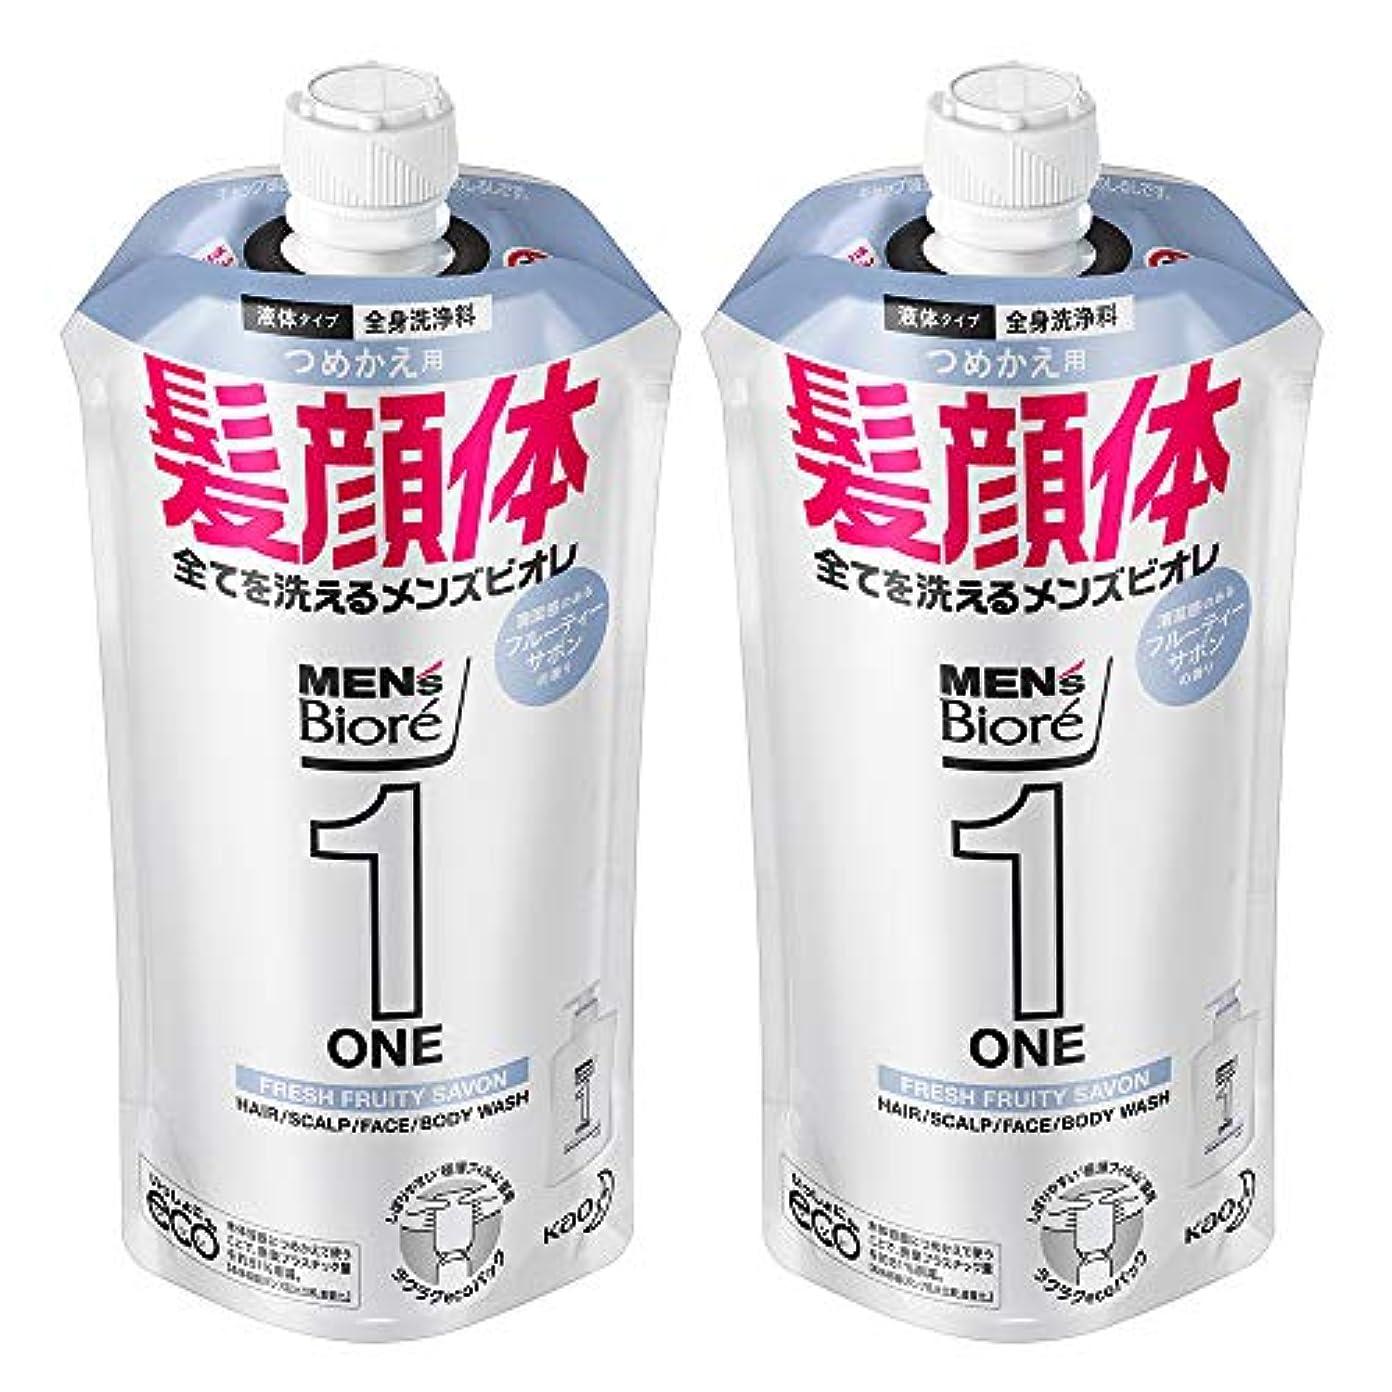 昆虫のホスト売る【まとめ買い】メンズビオレ ONE オールインワン全身洗浄料 フルーティーサボンの香り つめかえ用 340ml×2個